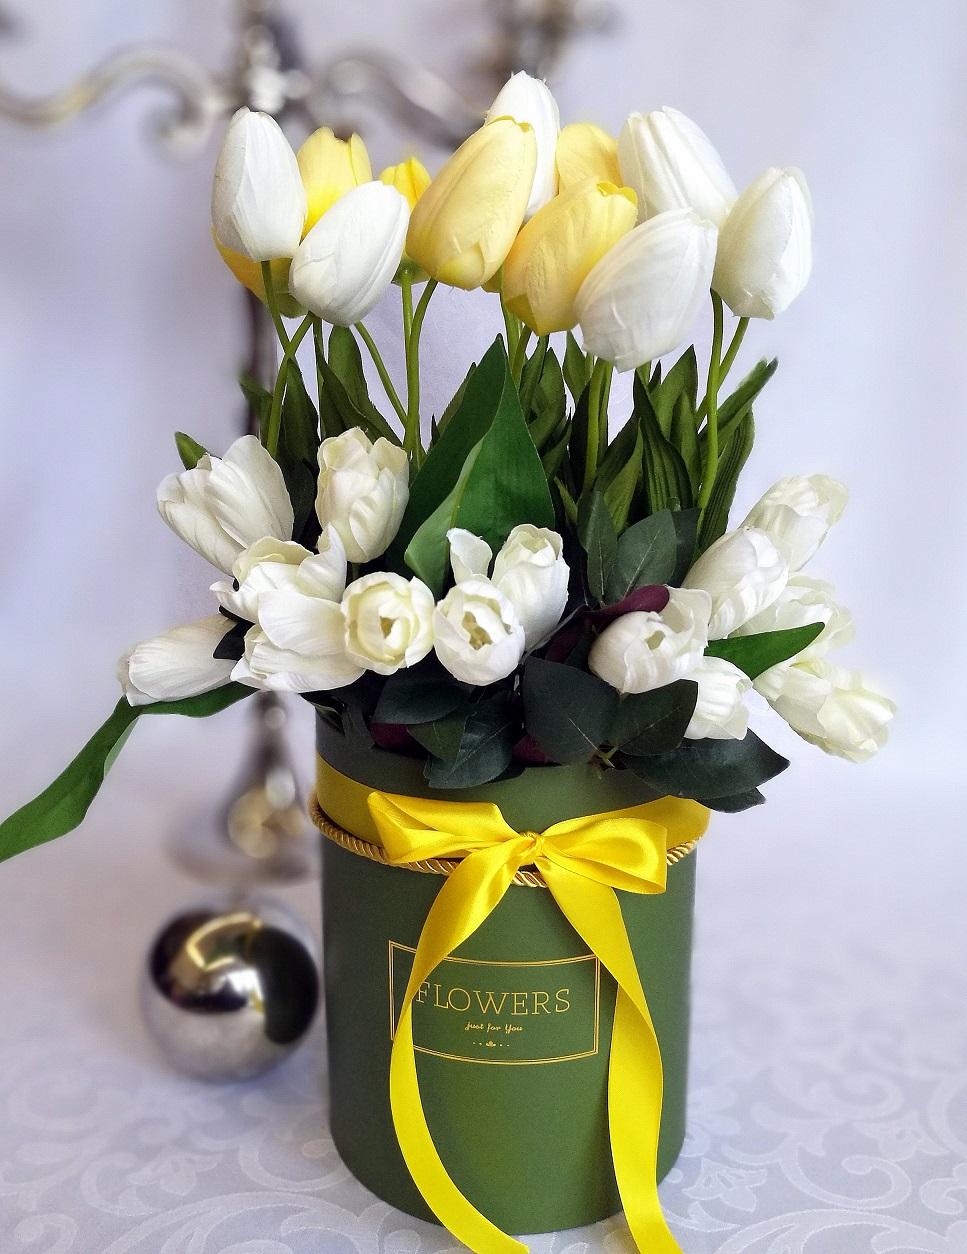 Biało-żółte pudełko z tulipanami nr 222, Wiosenne tulipany w zielonym pudełku nr. 175